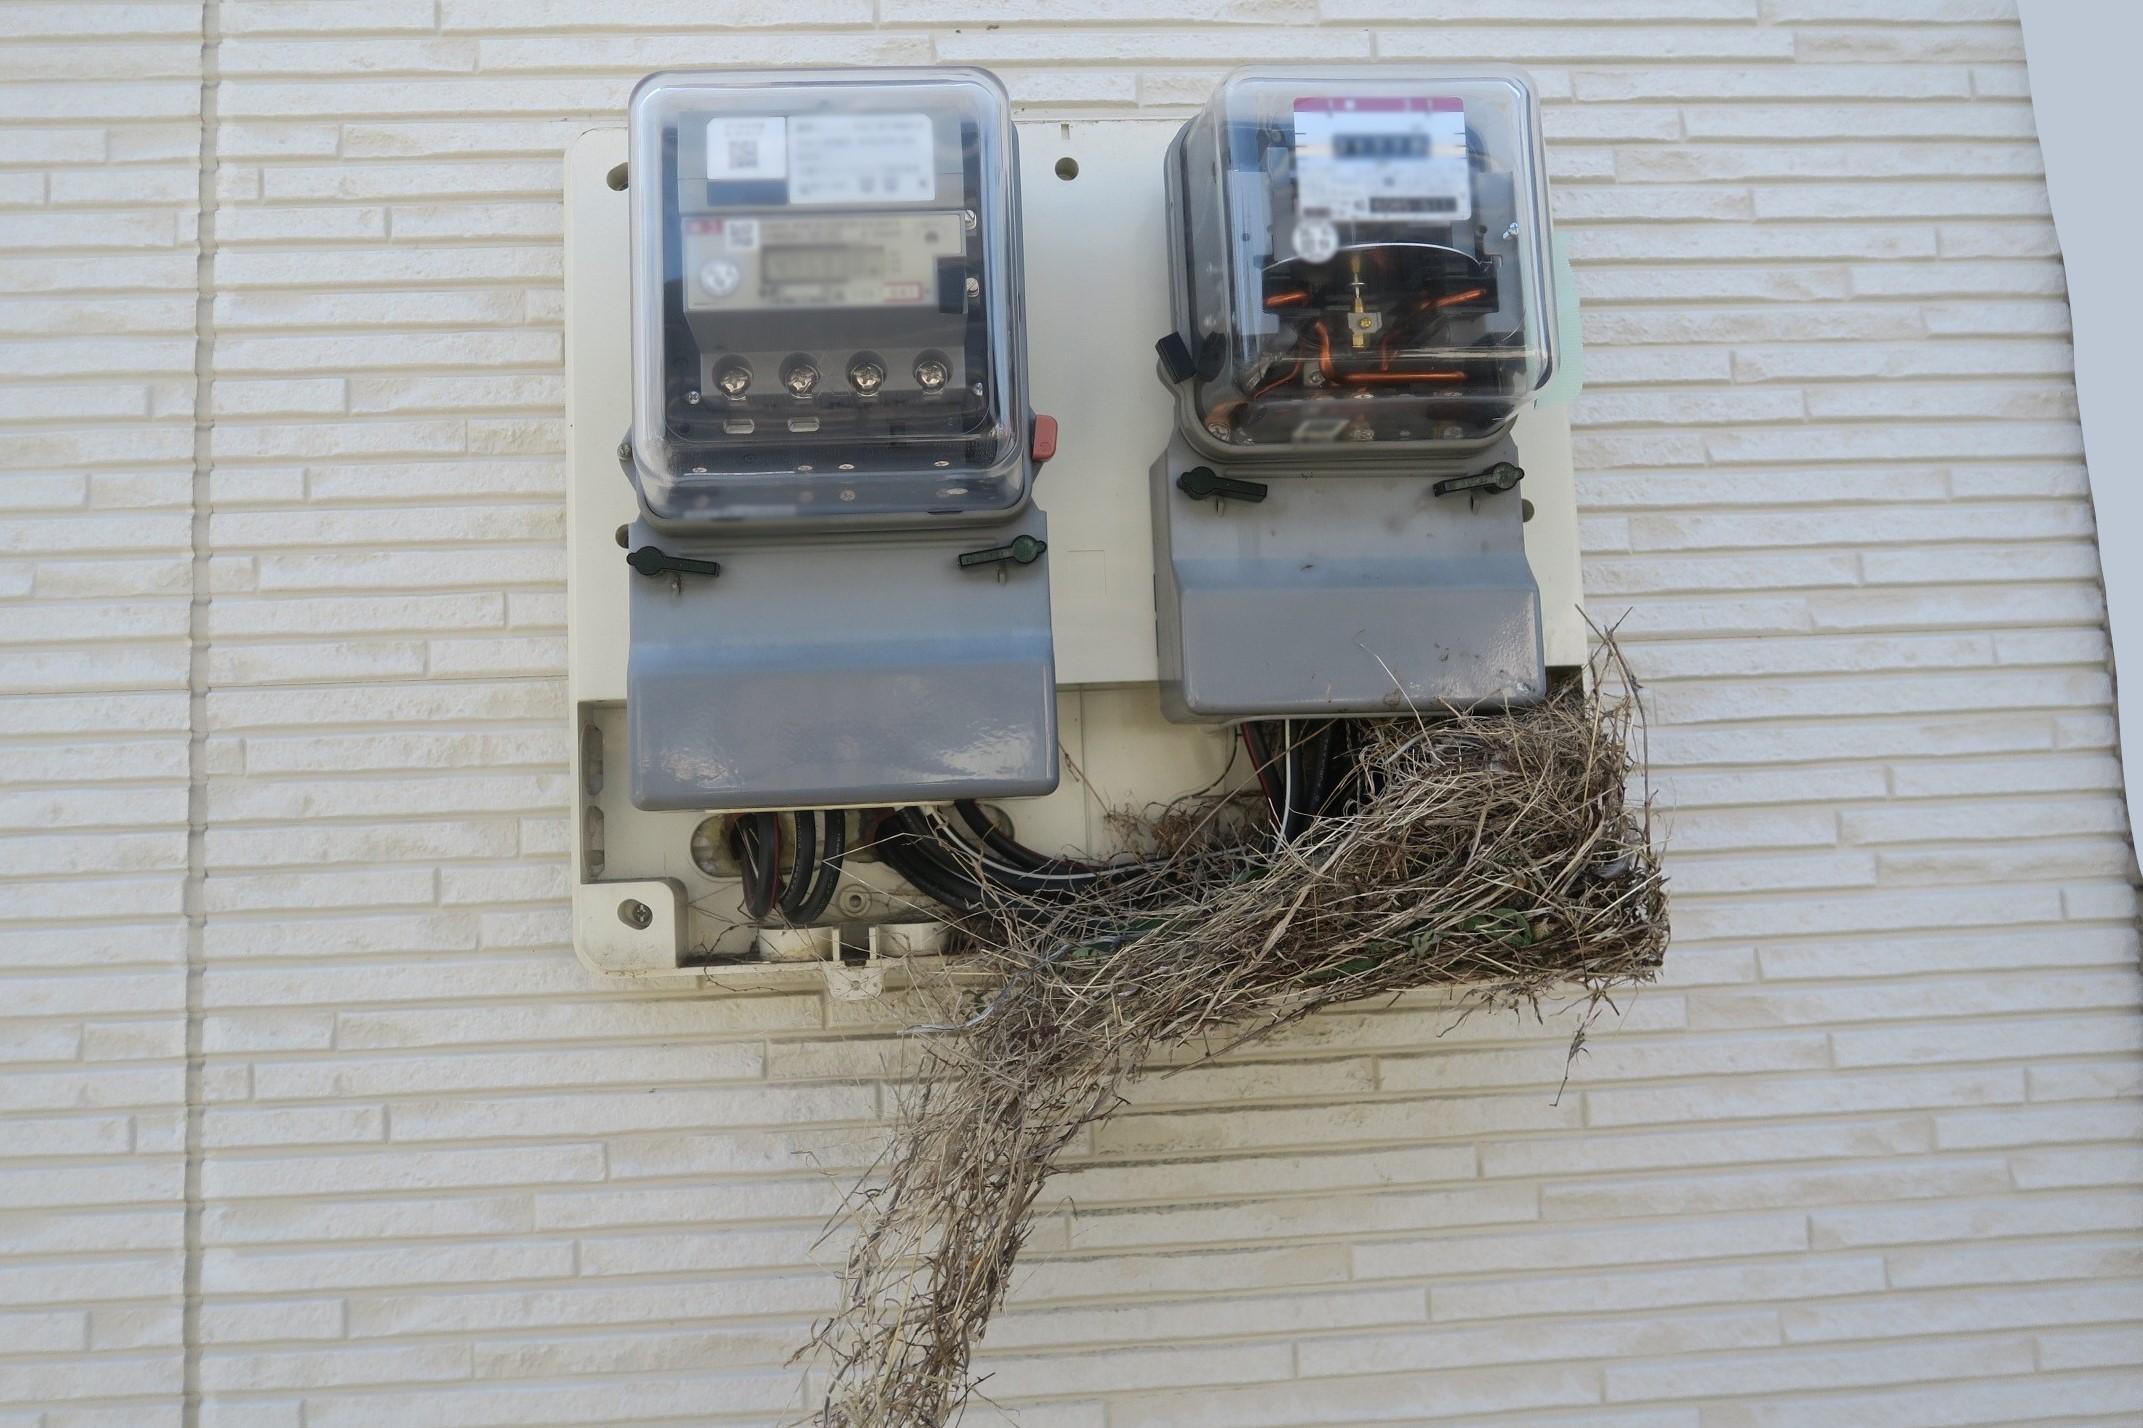 【100均】電気メーターにスズメの巣を作らせない対策方法